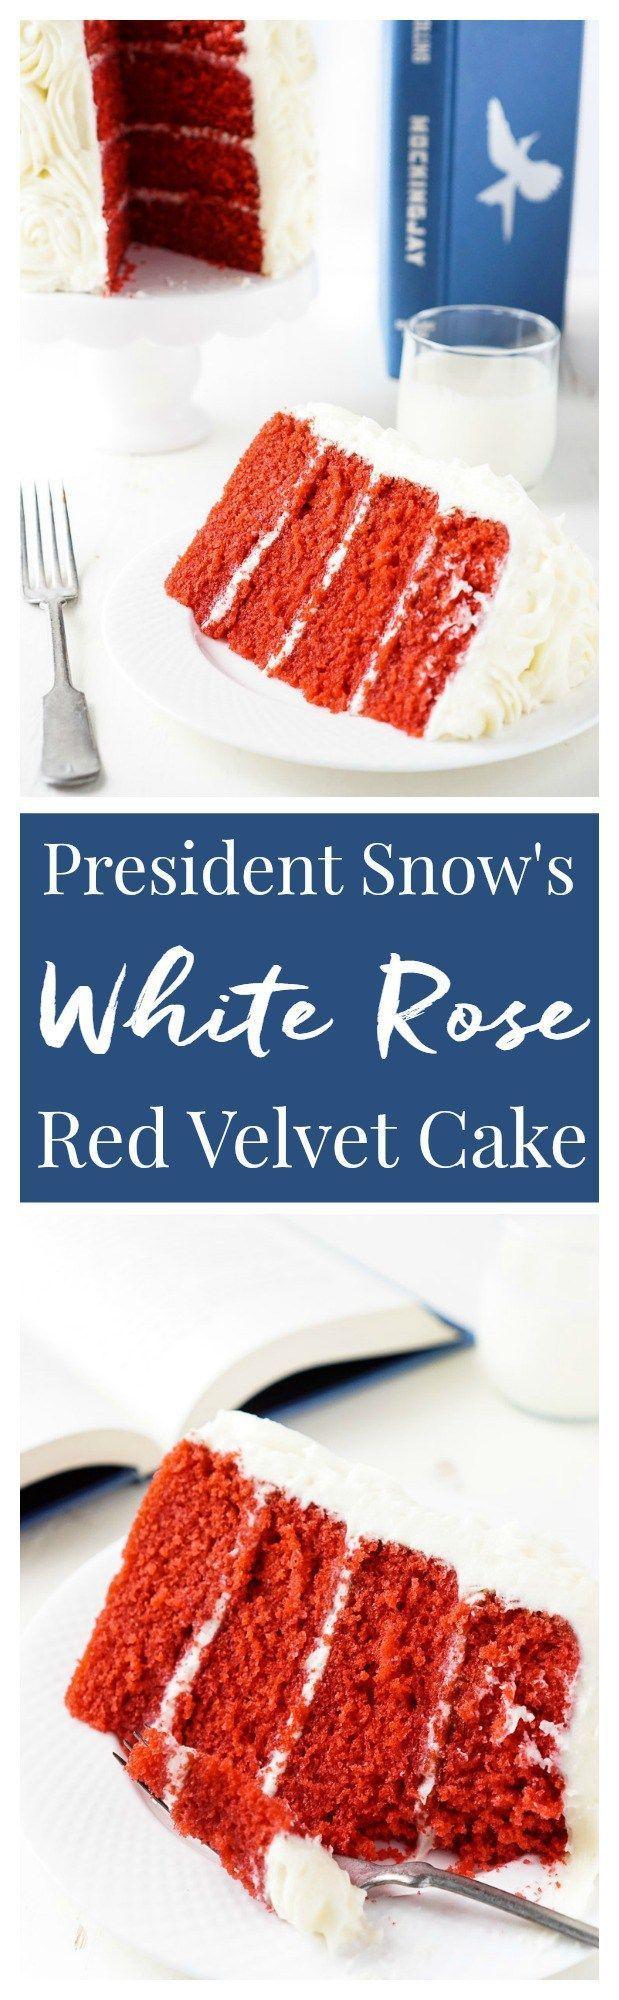 President Snow's White Rose Cake#cake #president #rose # ...